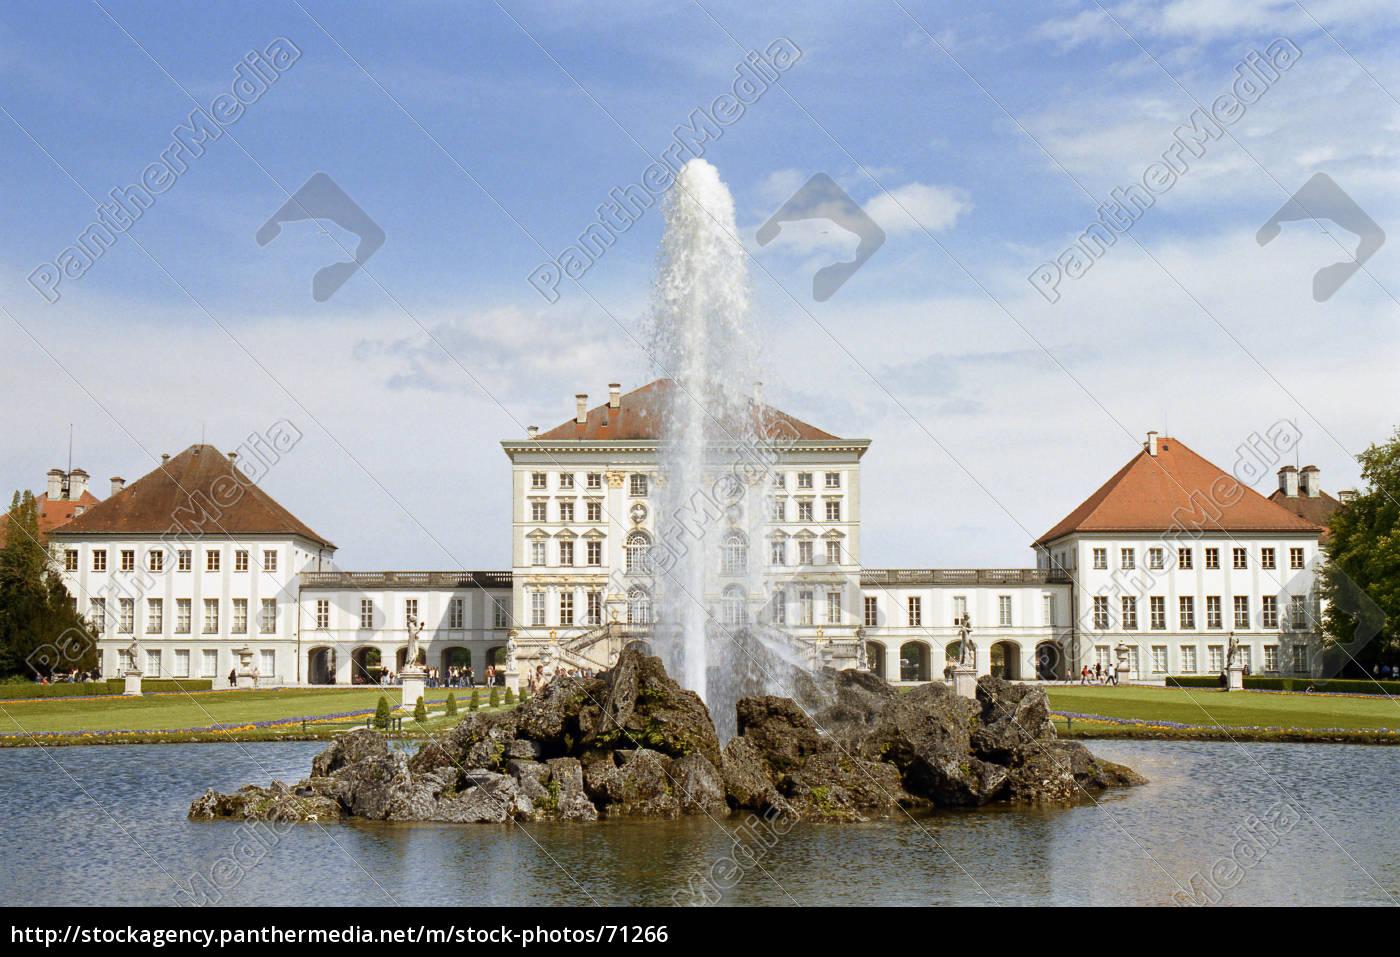 zamek, nymphenburg - 71266